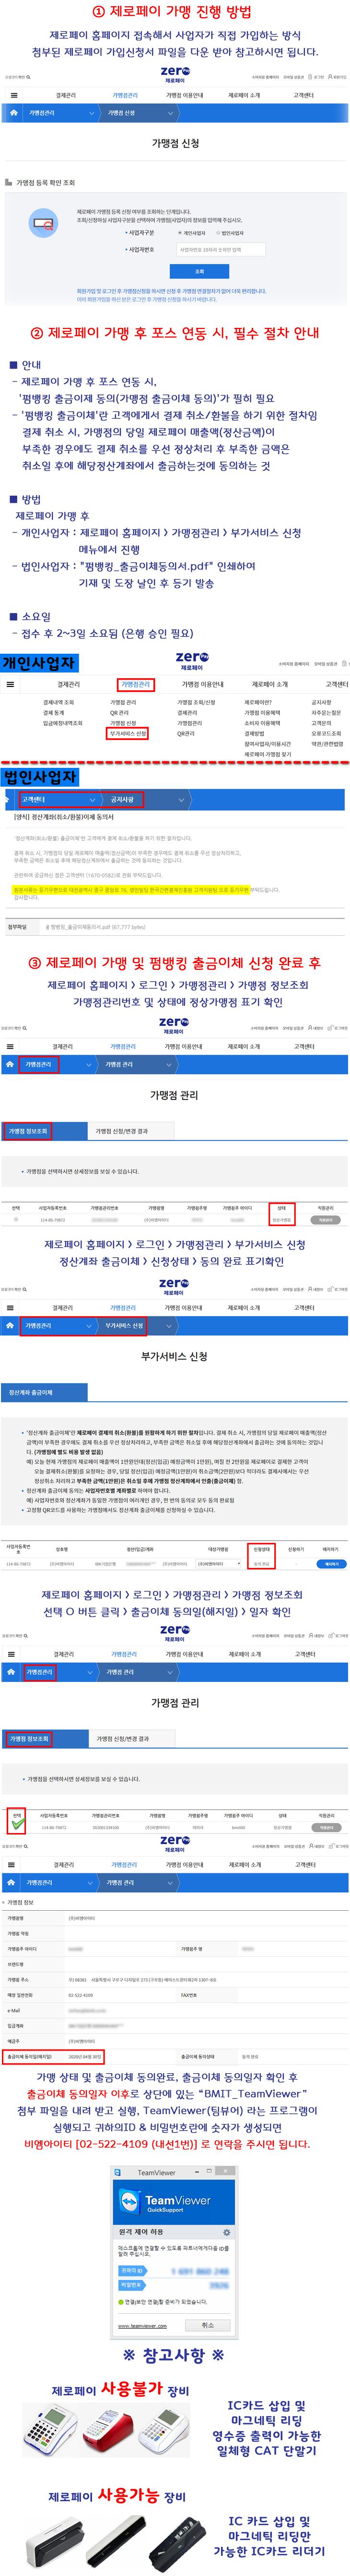 제로페이_안내_최종수정완료.png